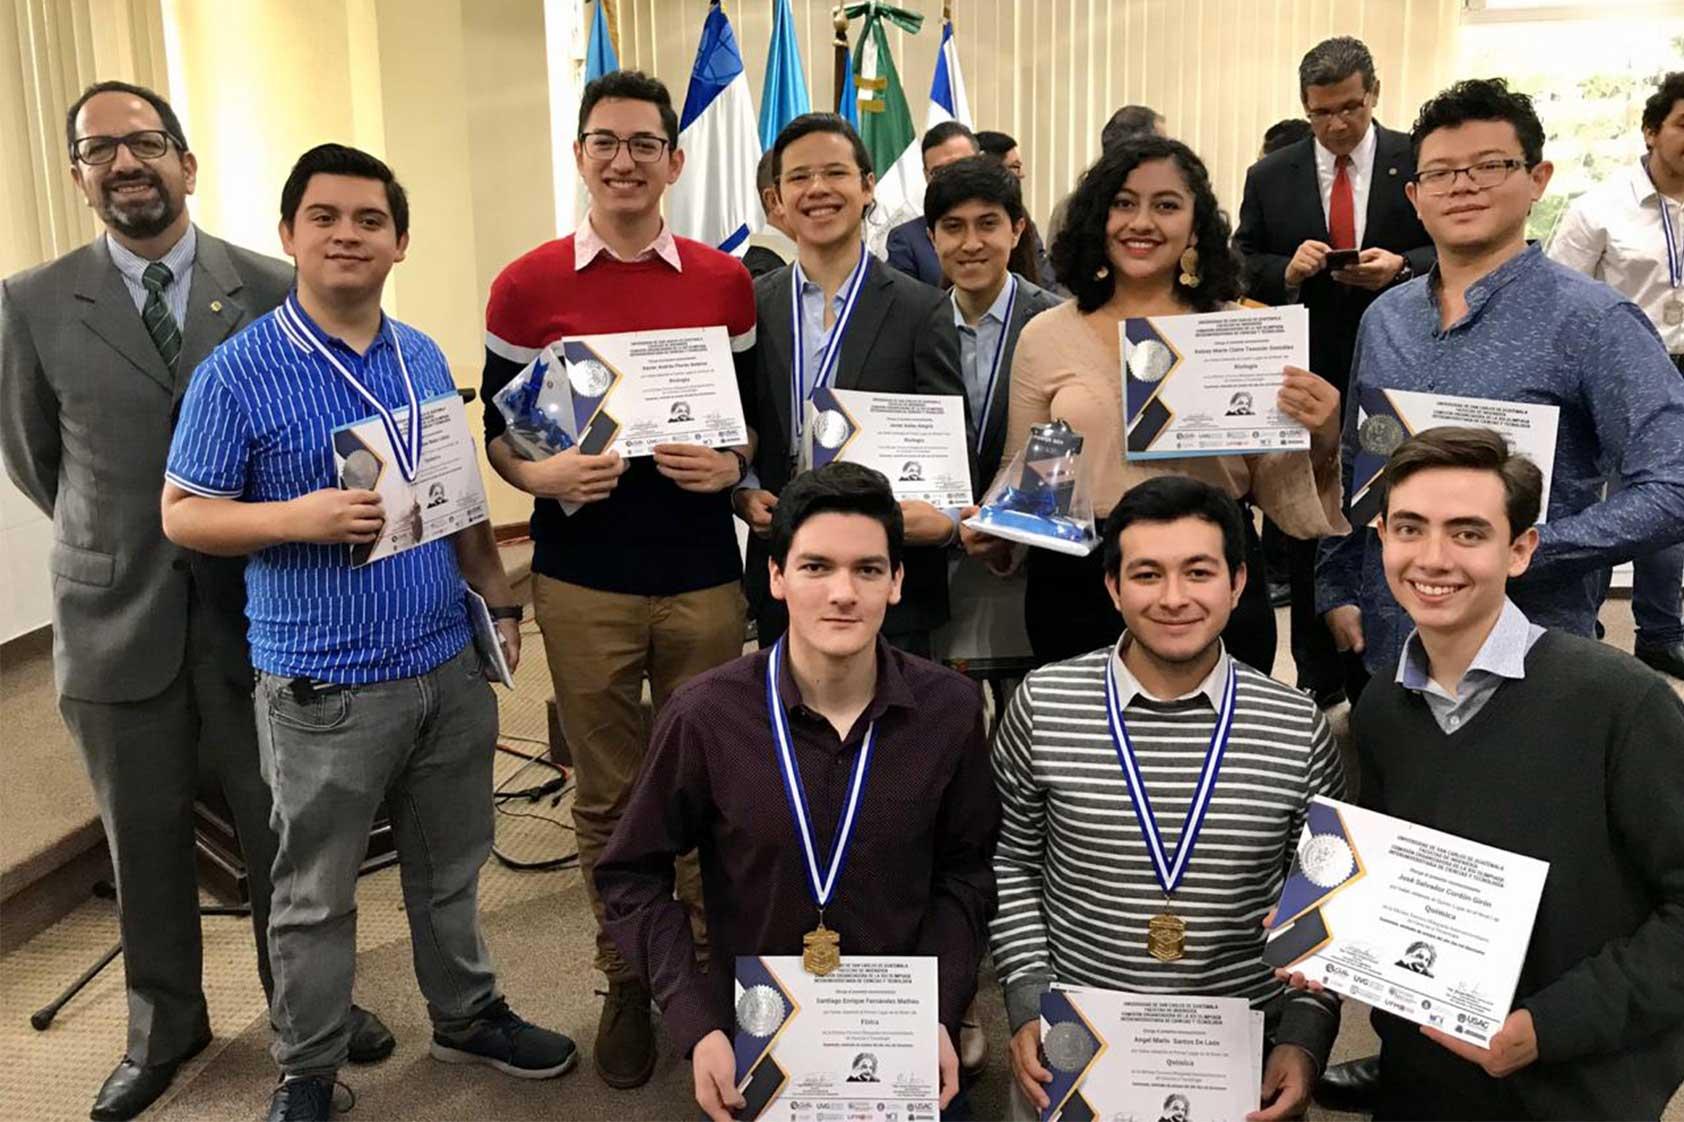 Estudiantes logran notable participación en la Olimpiada Interuniversitaria de Ciencias y Tecnología